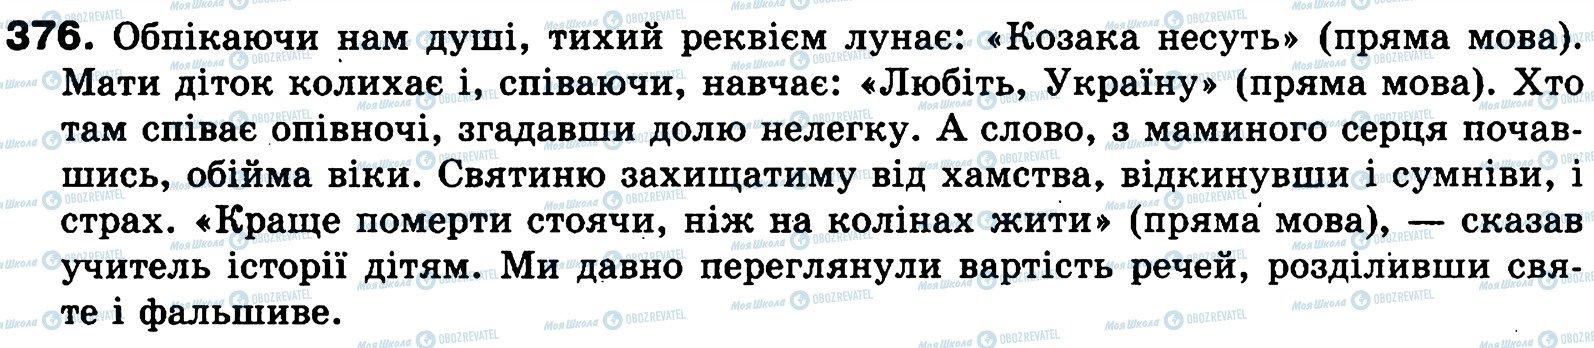 ГДЗ Українська мова 8 клас сторінка 376